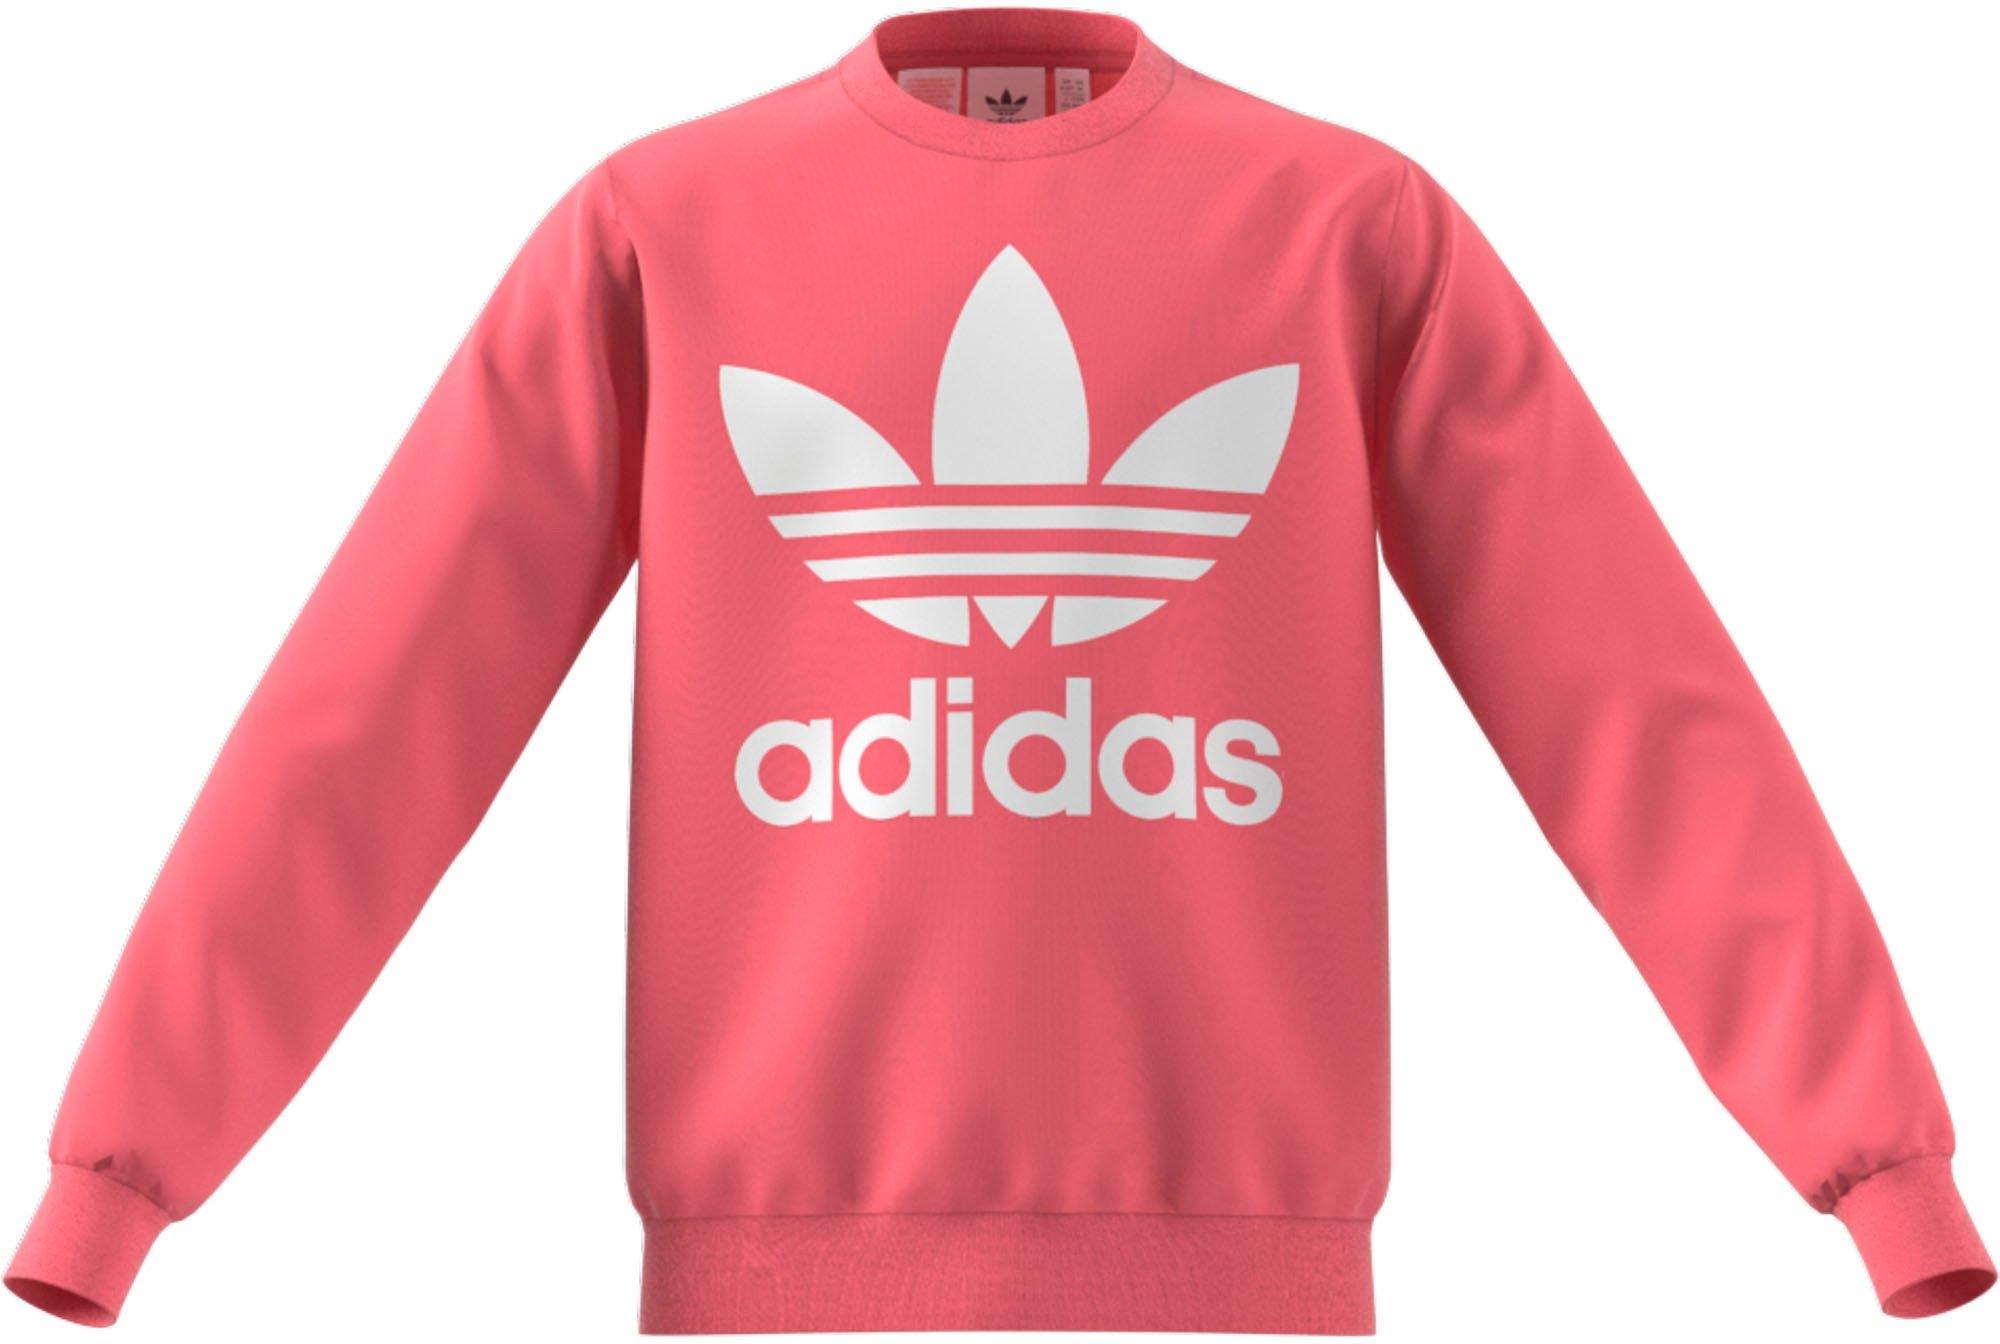 adidas Originals sweatshirt TREFOIL Uniseks bestellen: 30 dagen bedenktijd